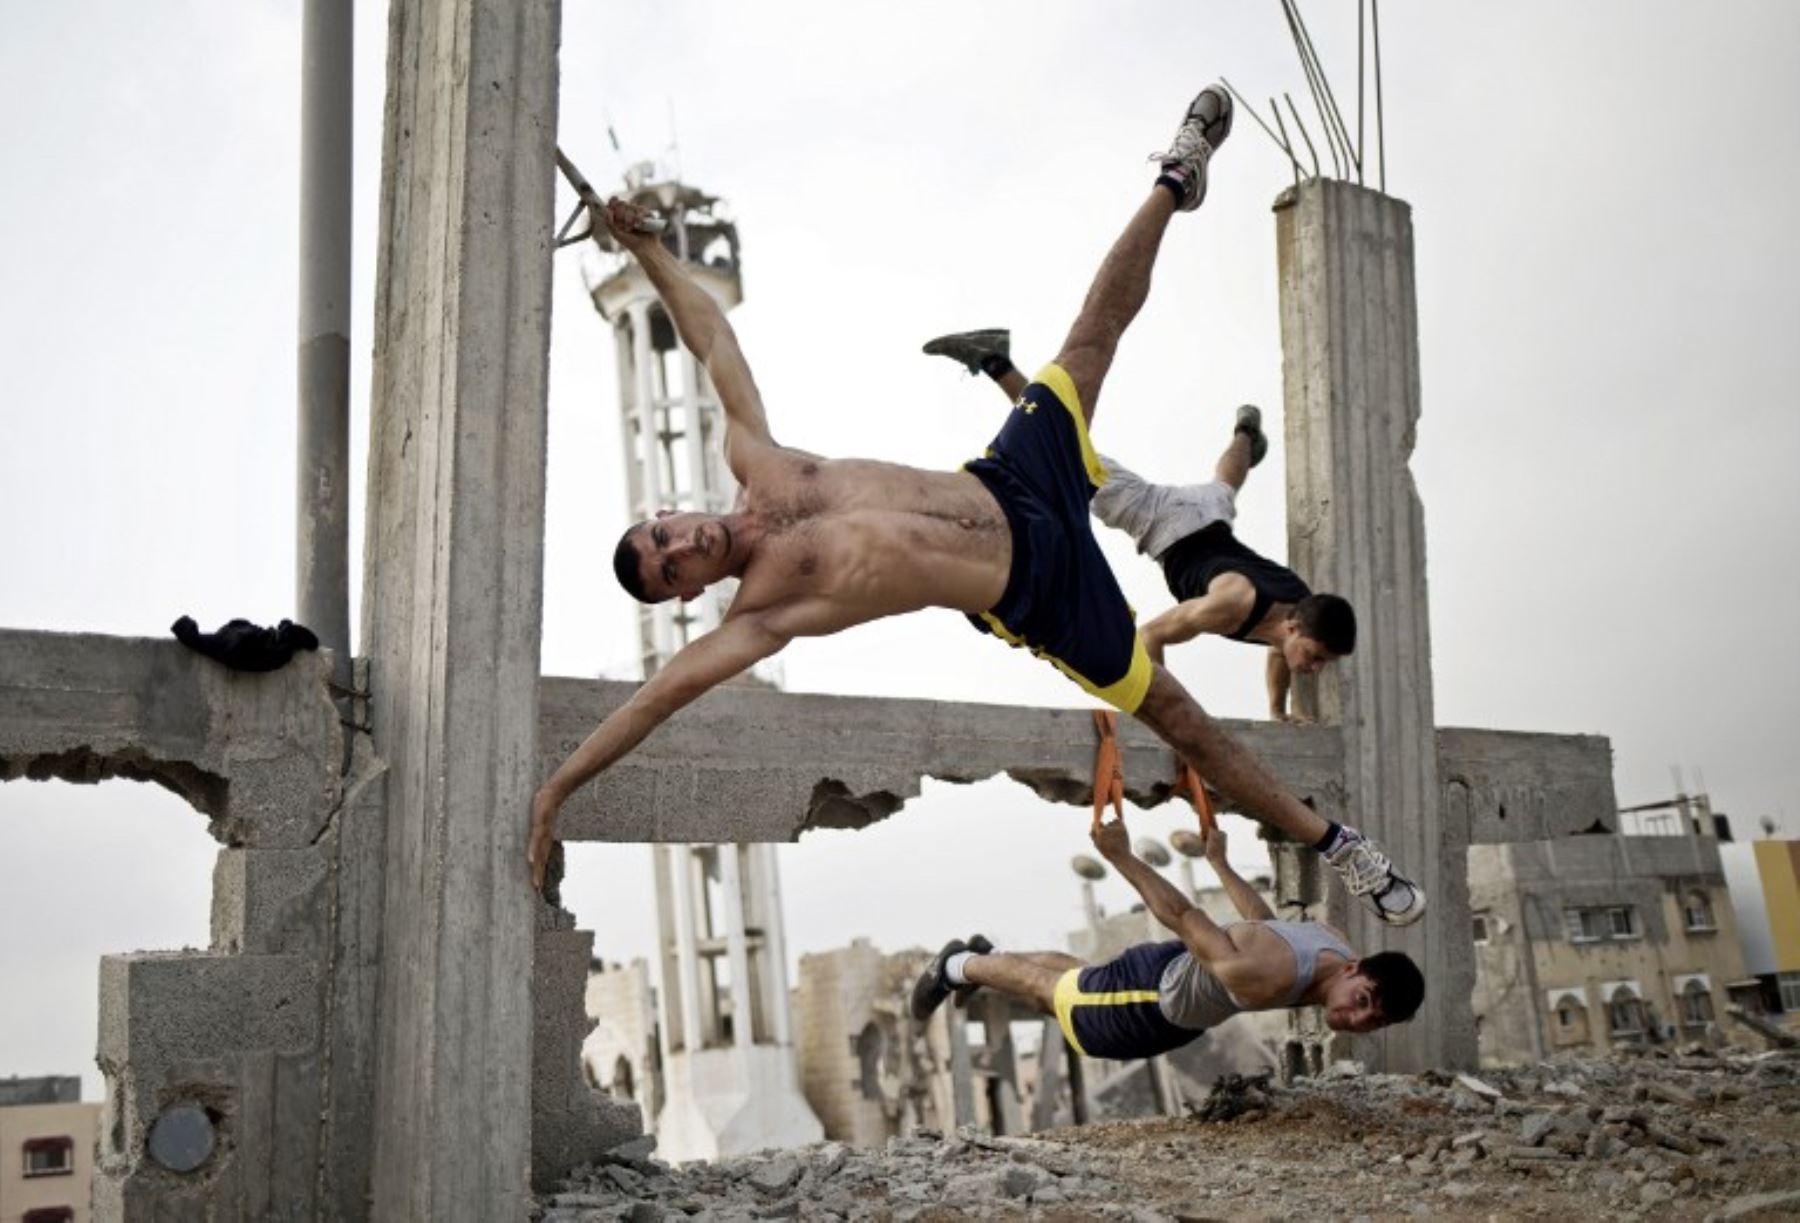 Palestinos realizan ejercicios en medio de la destrucción de la ciudad de Gaza. Foto: AFP